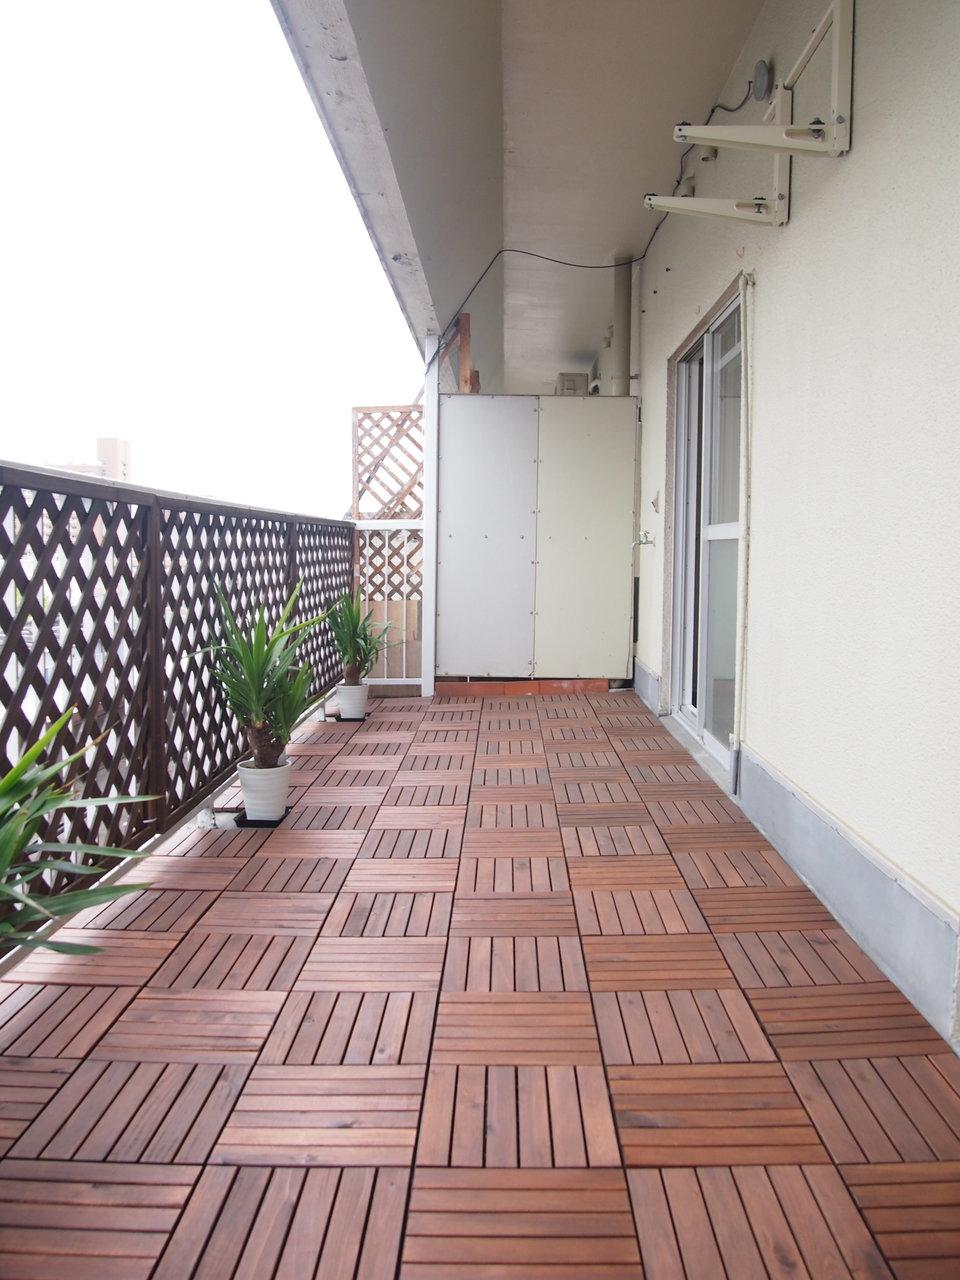 もちろんバルコニーもこだわりあり。床には木材を敷き詰めて、柵はお庭のようなデザイン。夕涼みだけじゃなく、いつでもくつろぎたくなる空間です!